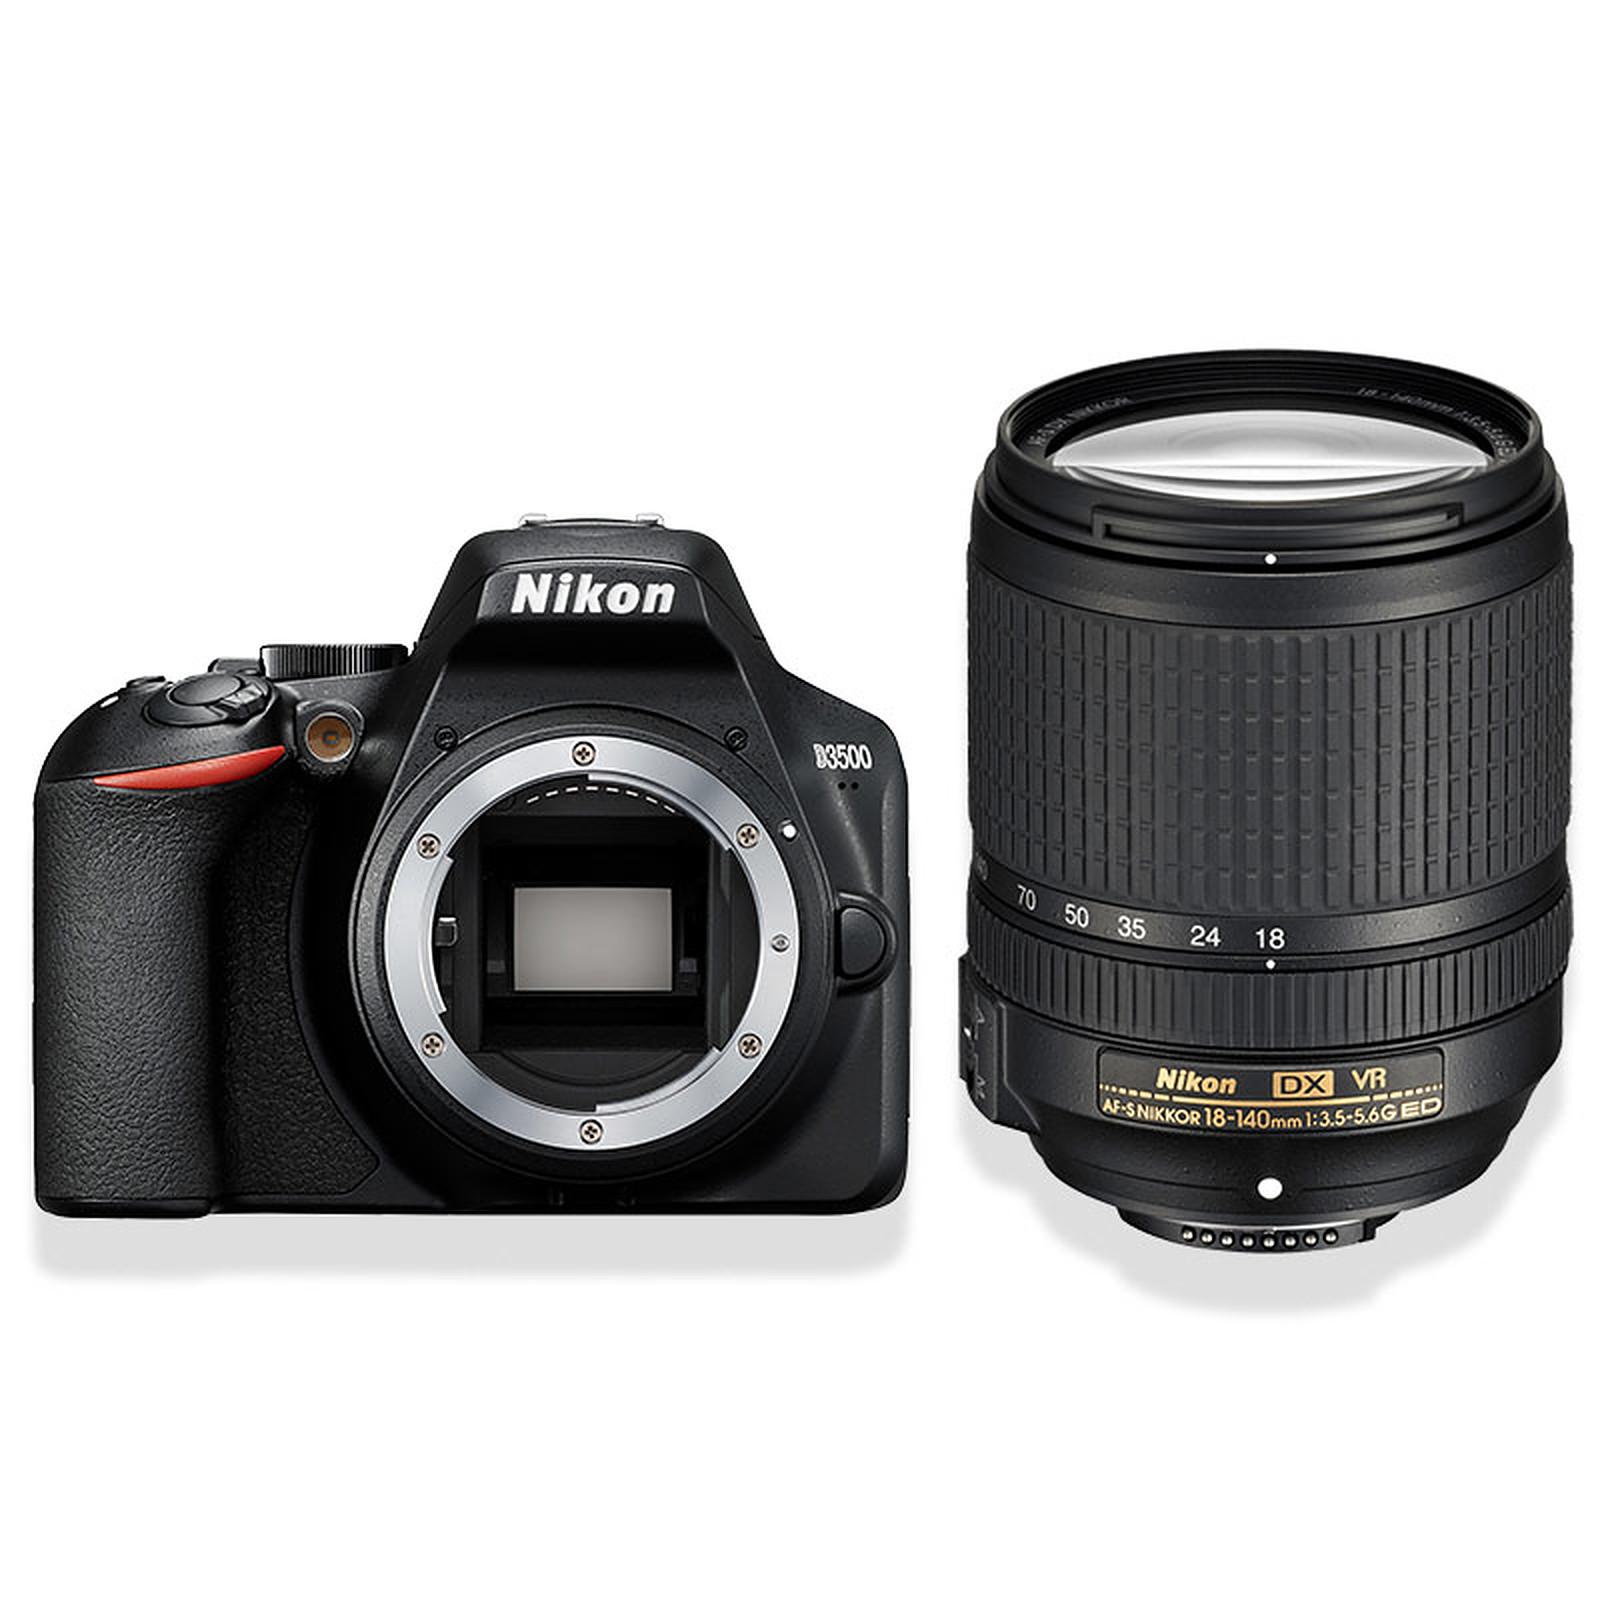 Nikon D3500 + AF-S DX NIKKOR 18-140mm f/3.5-5.6G ED VR